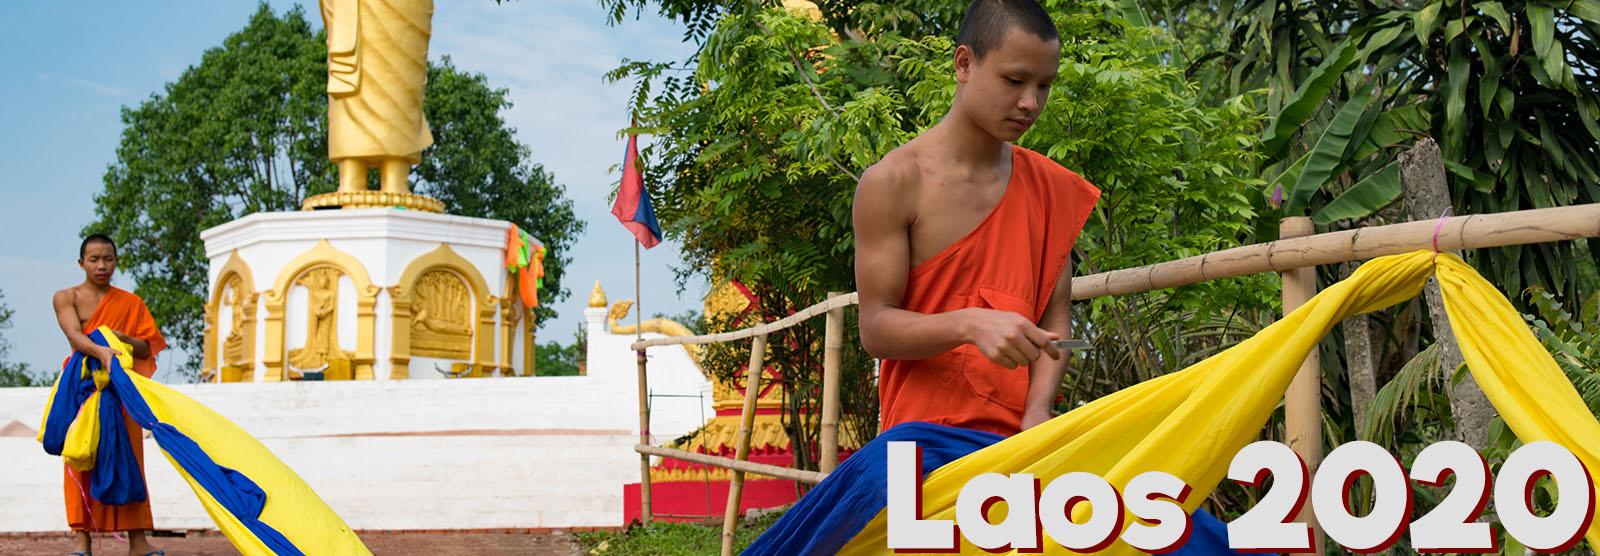 Laos 20202